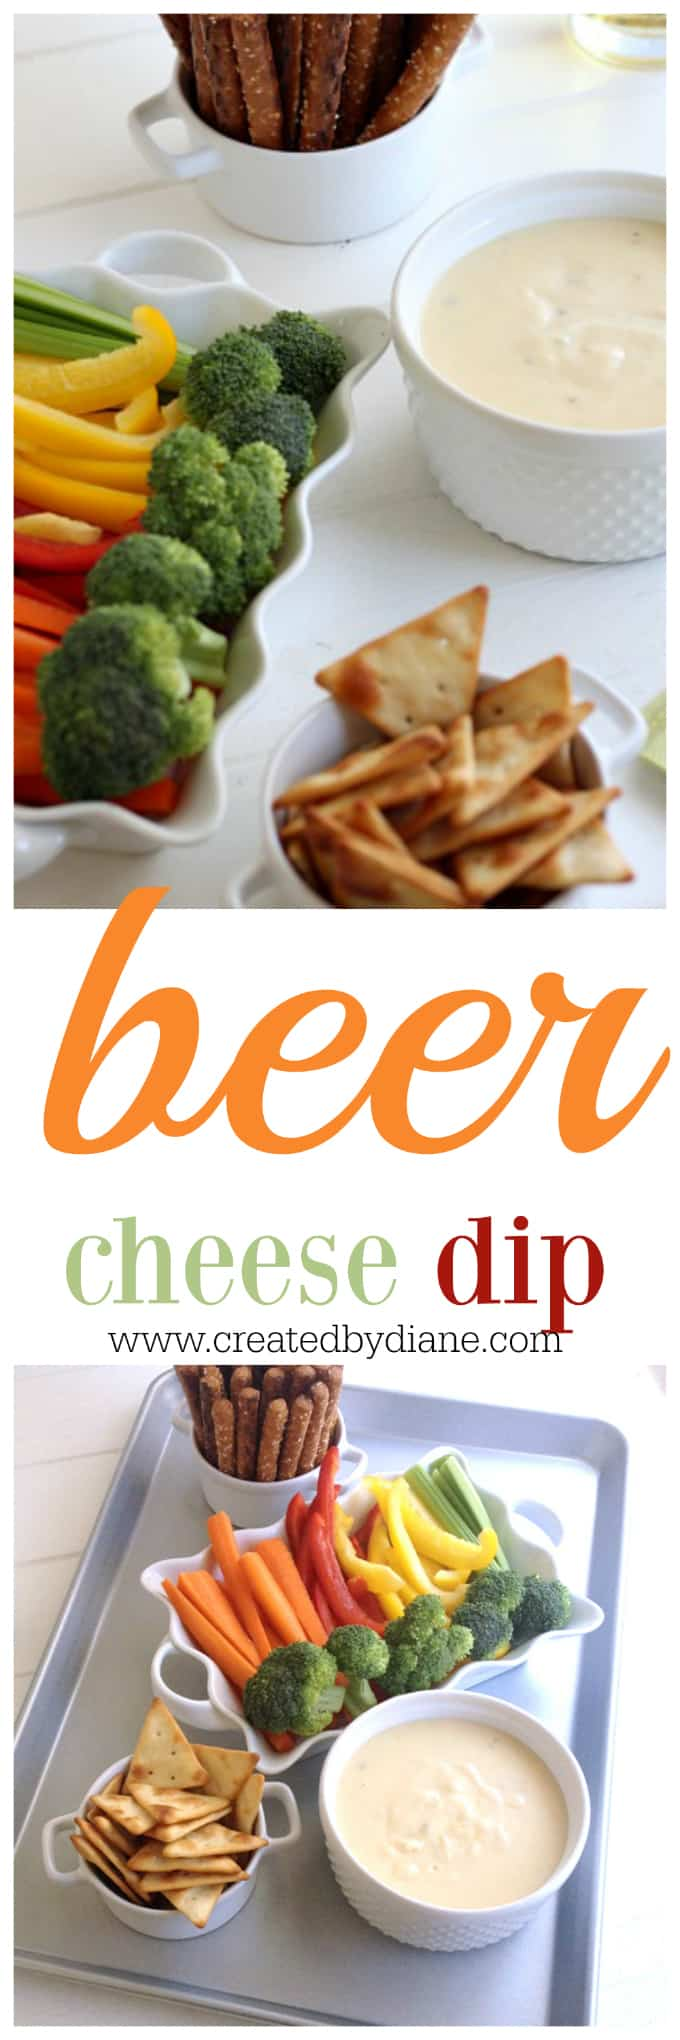 beer cheese dip www.createdbydiane.com